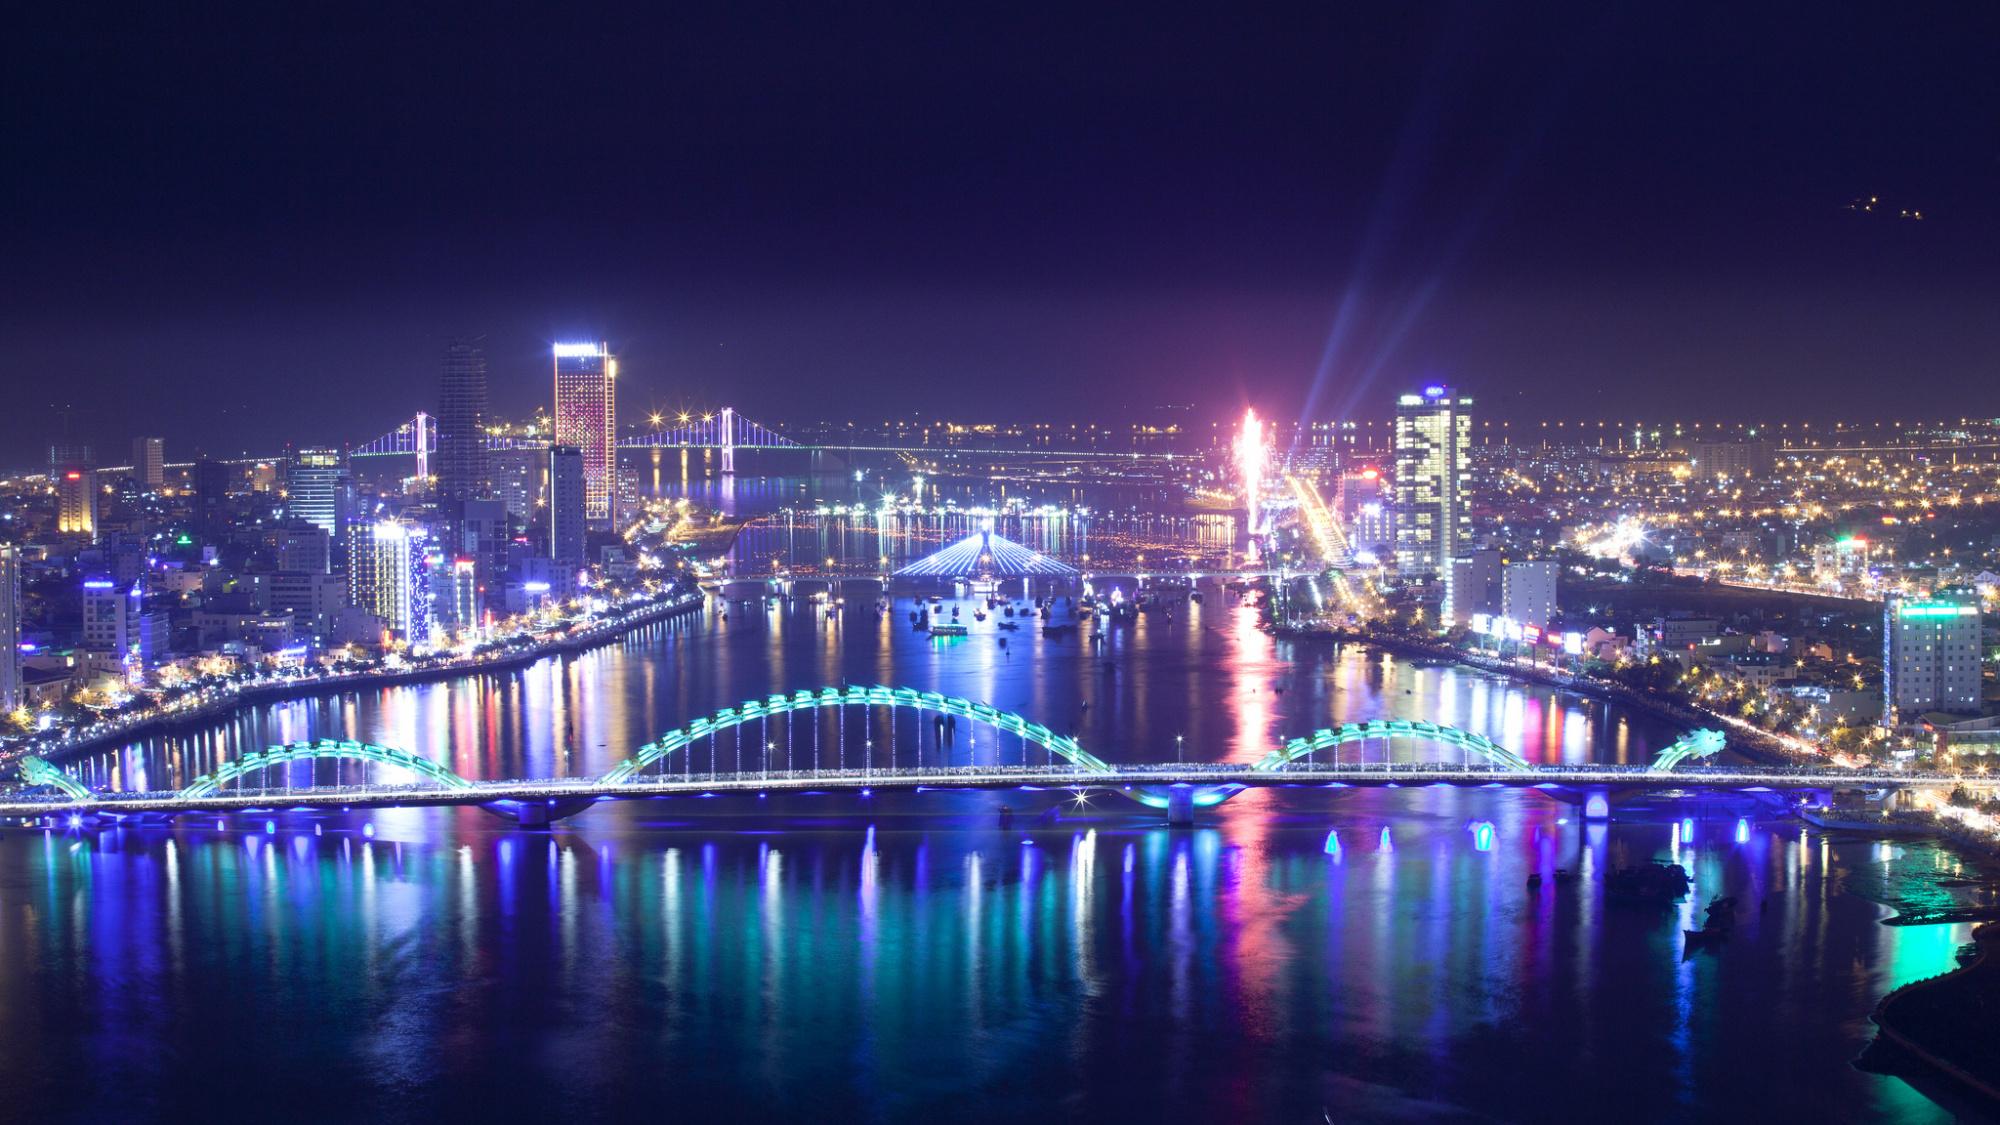 土・日限定!ダナンナイトツアー(愛の桟橋、鯉の登龍像、ドランゴン橋炎と水のショー、地元で人気のベトナム料理夕食)